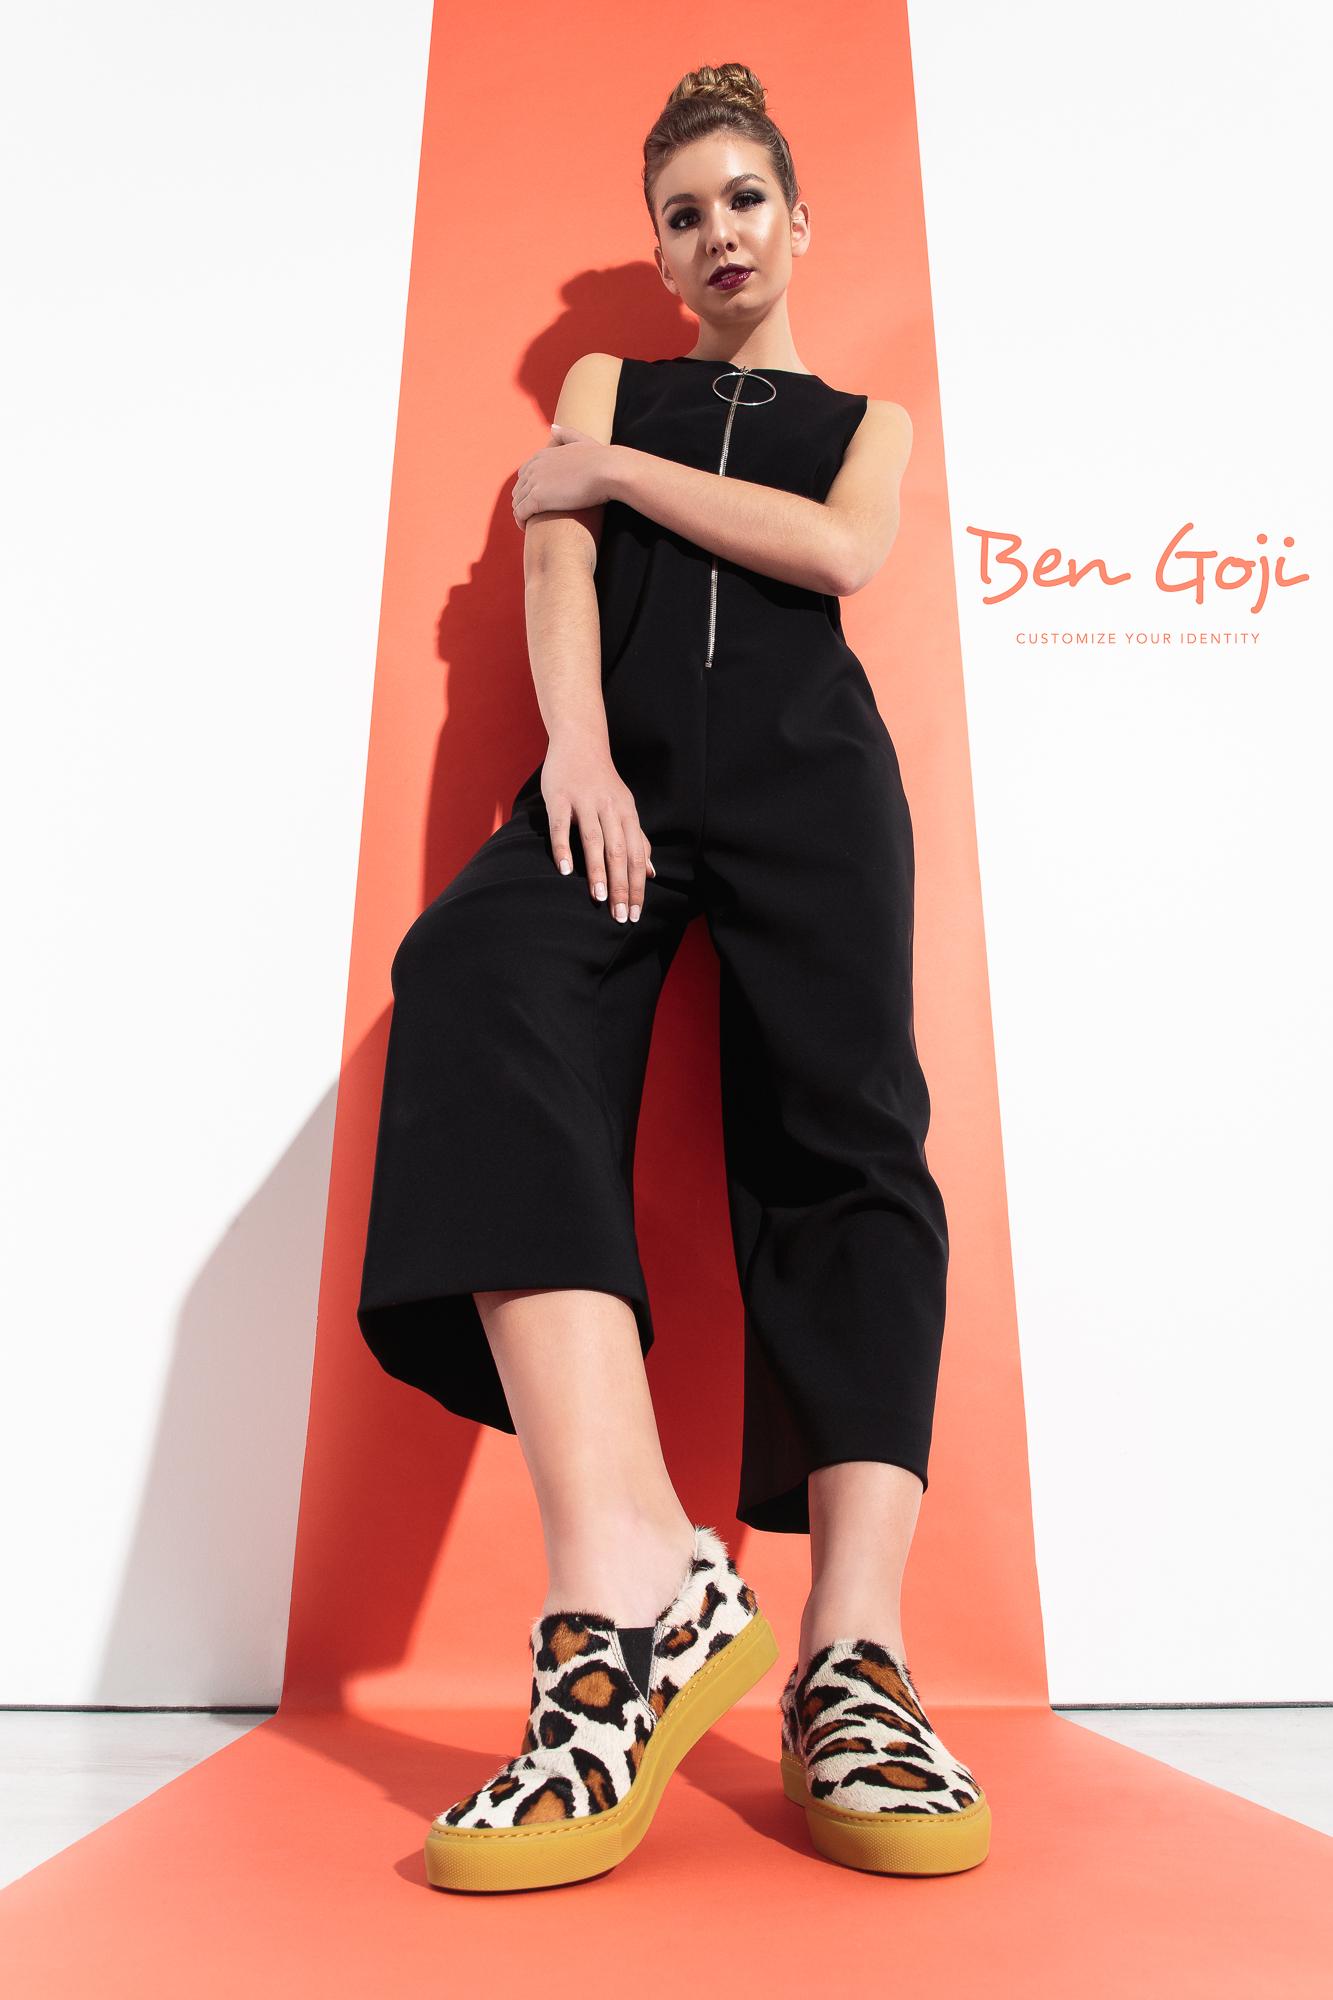 Bengoji-8.jpg